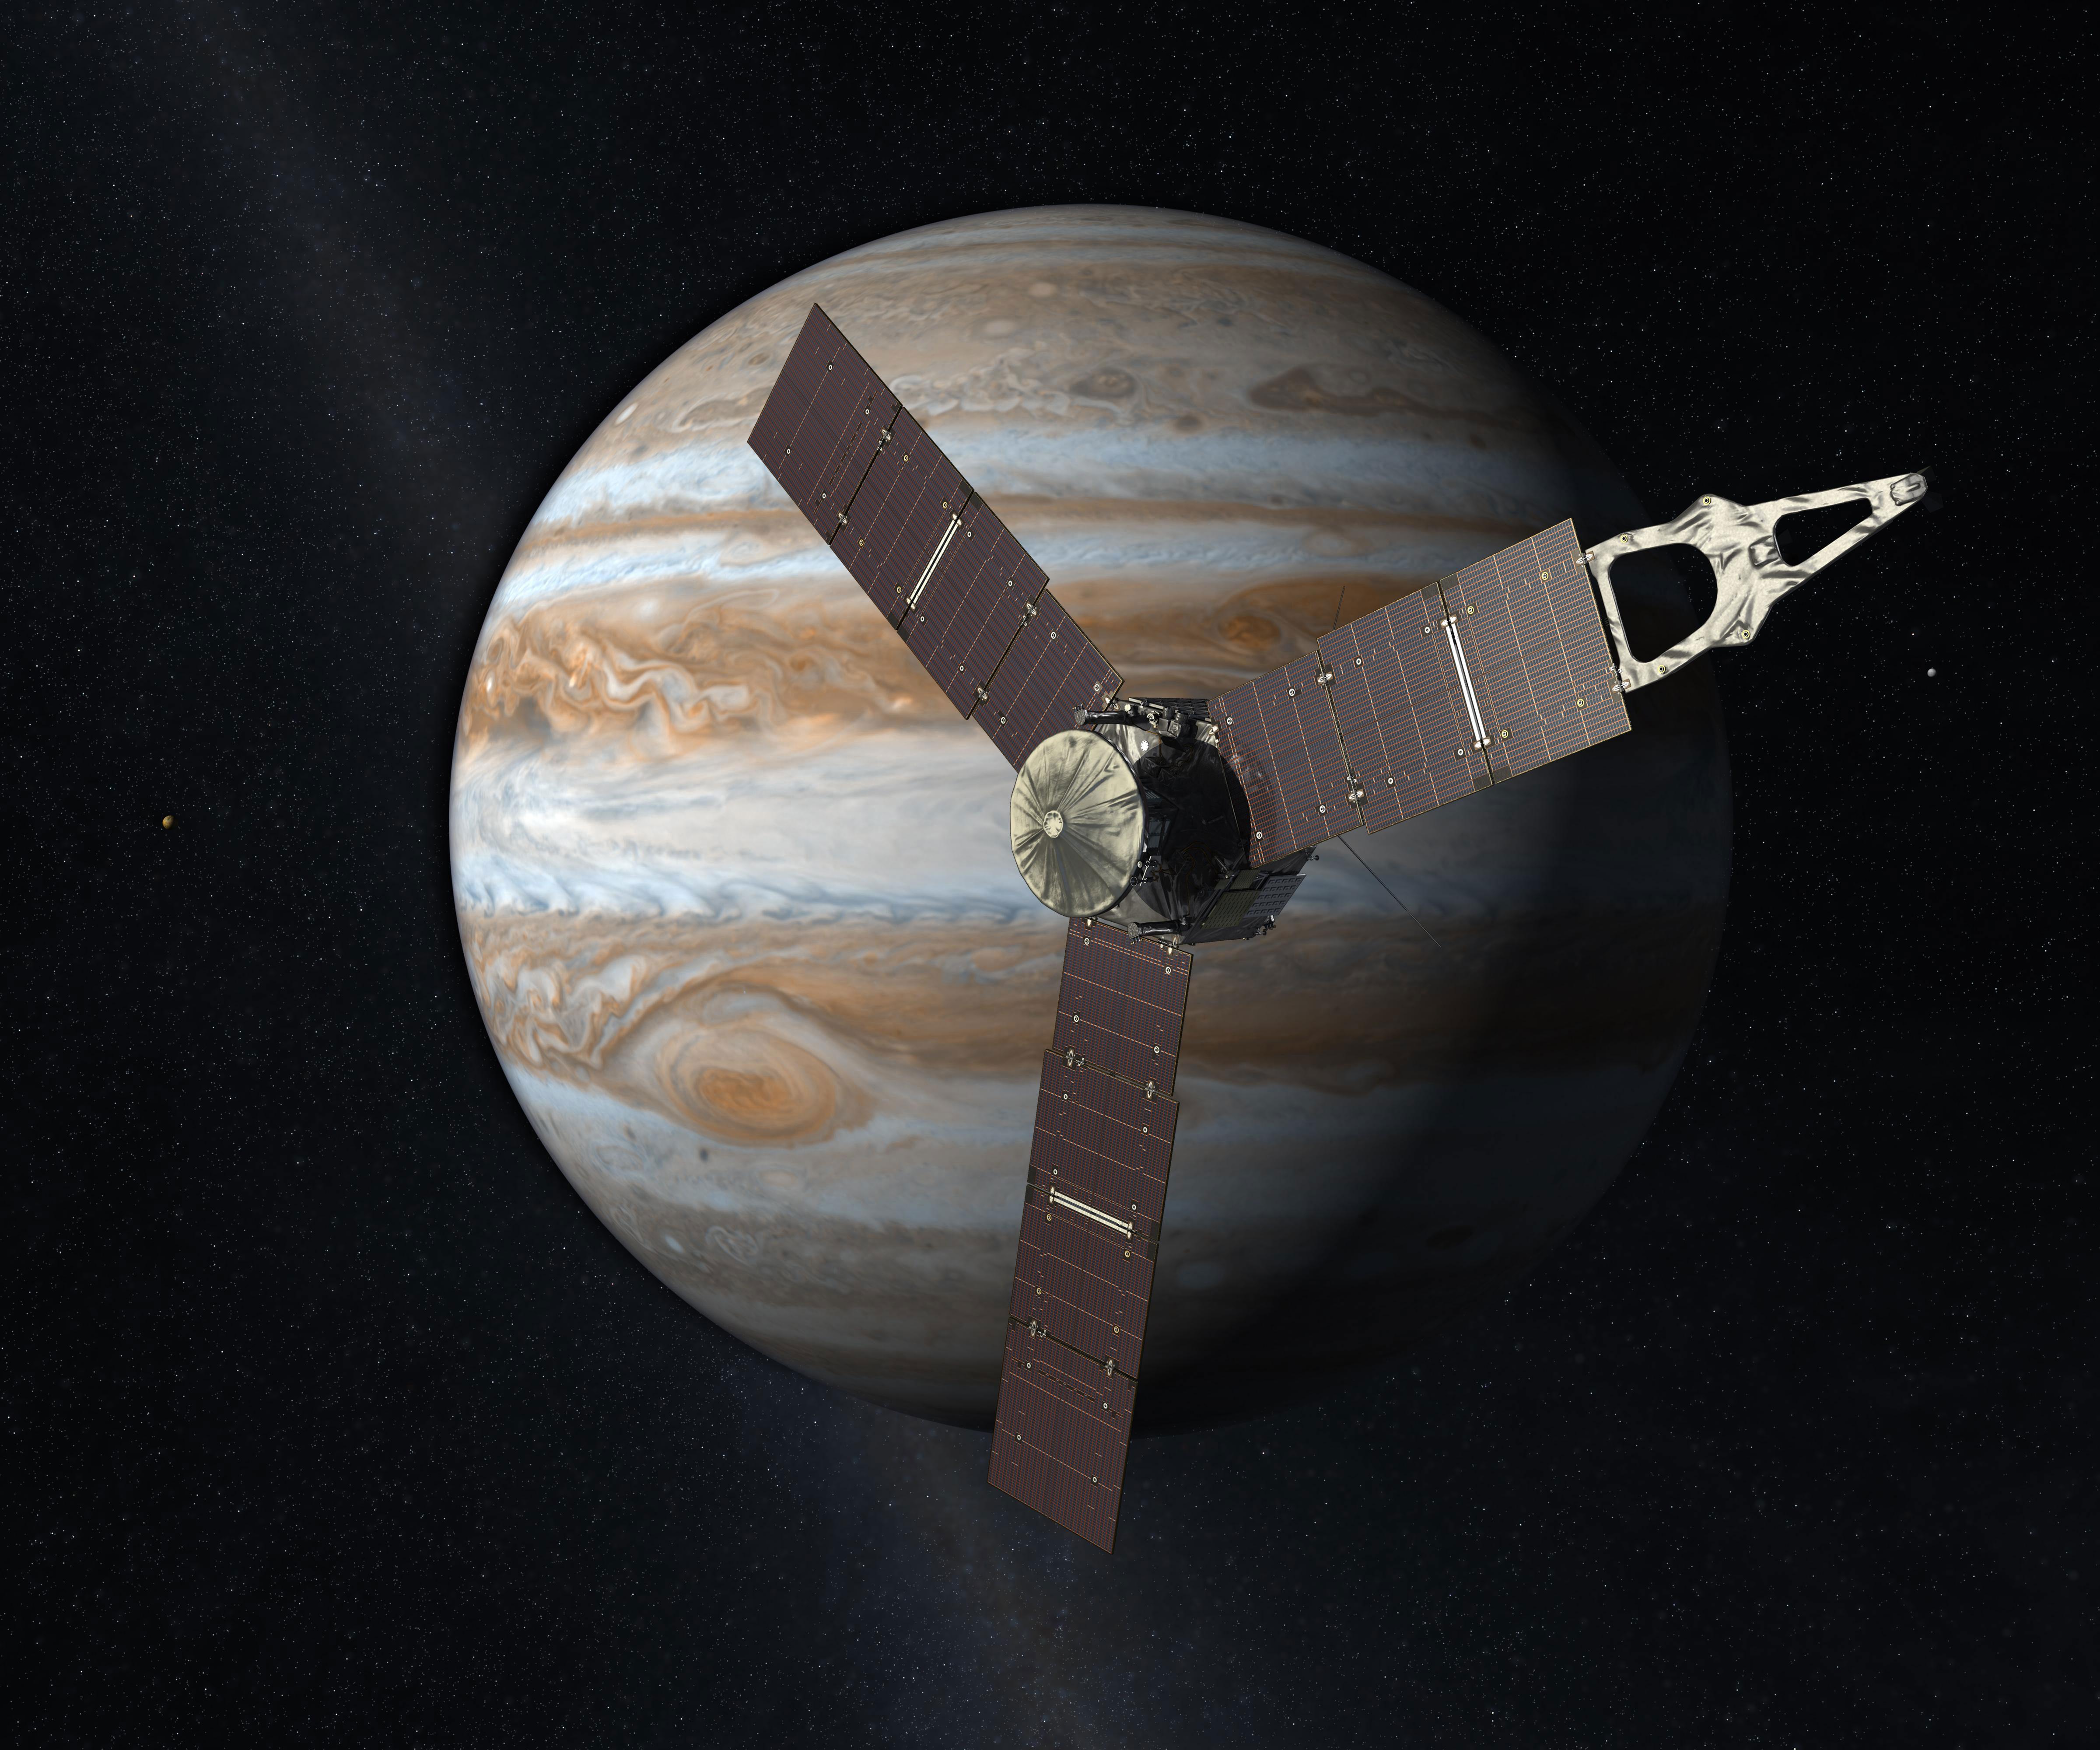 Artist rendering of Juno in orbit of Jupiter. Credit: NASA/JPL/Caltech